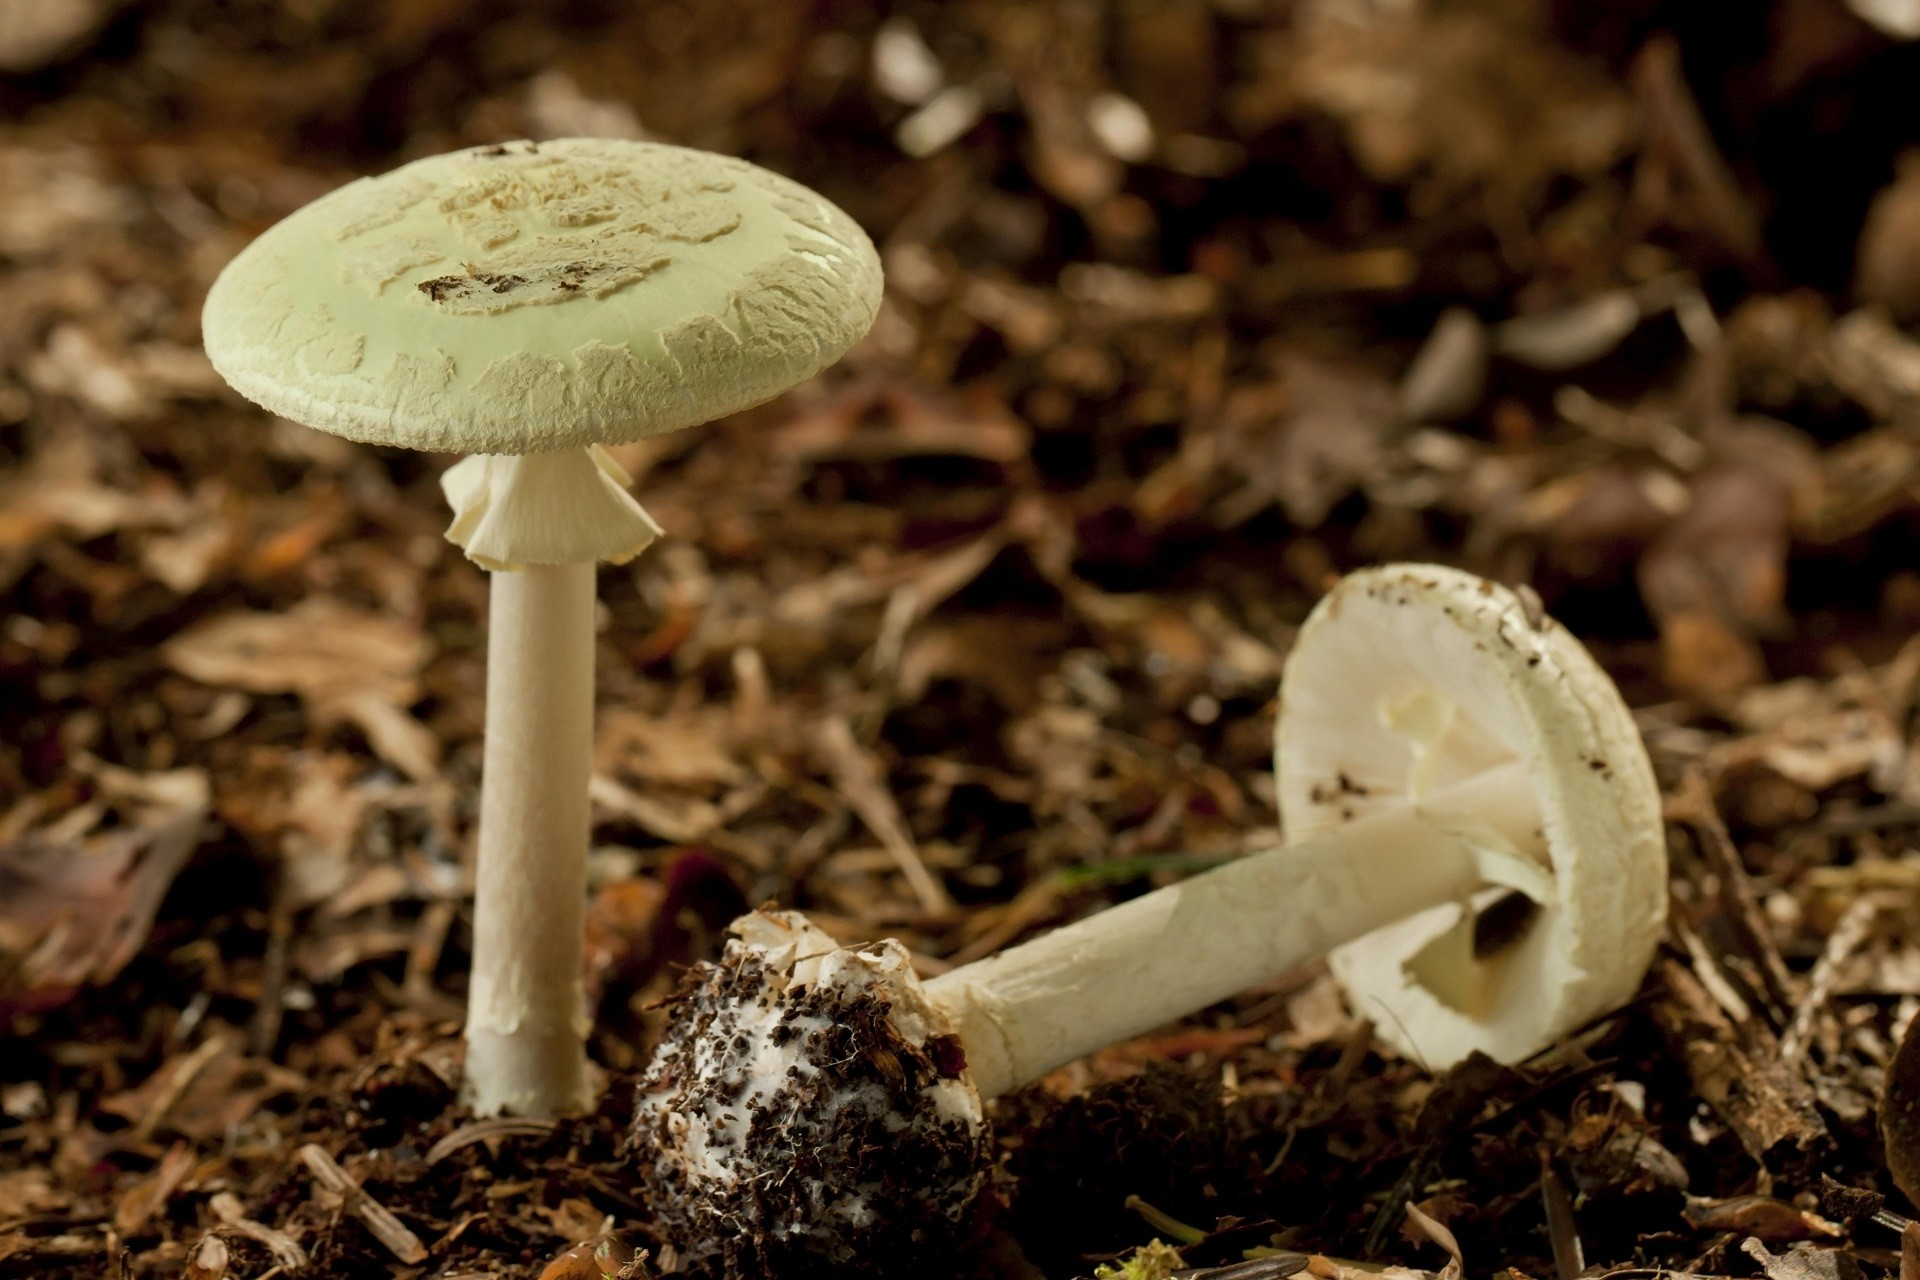 """O Amanita phalloides, conhecido em português como """"cicuta verde"""" e em inglês como """"death cap""""."""